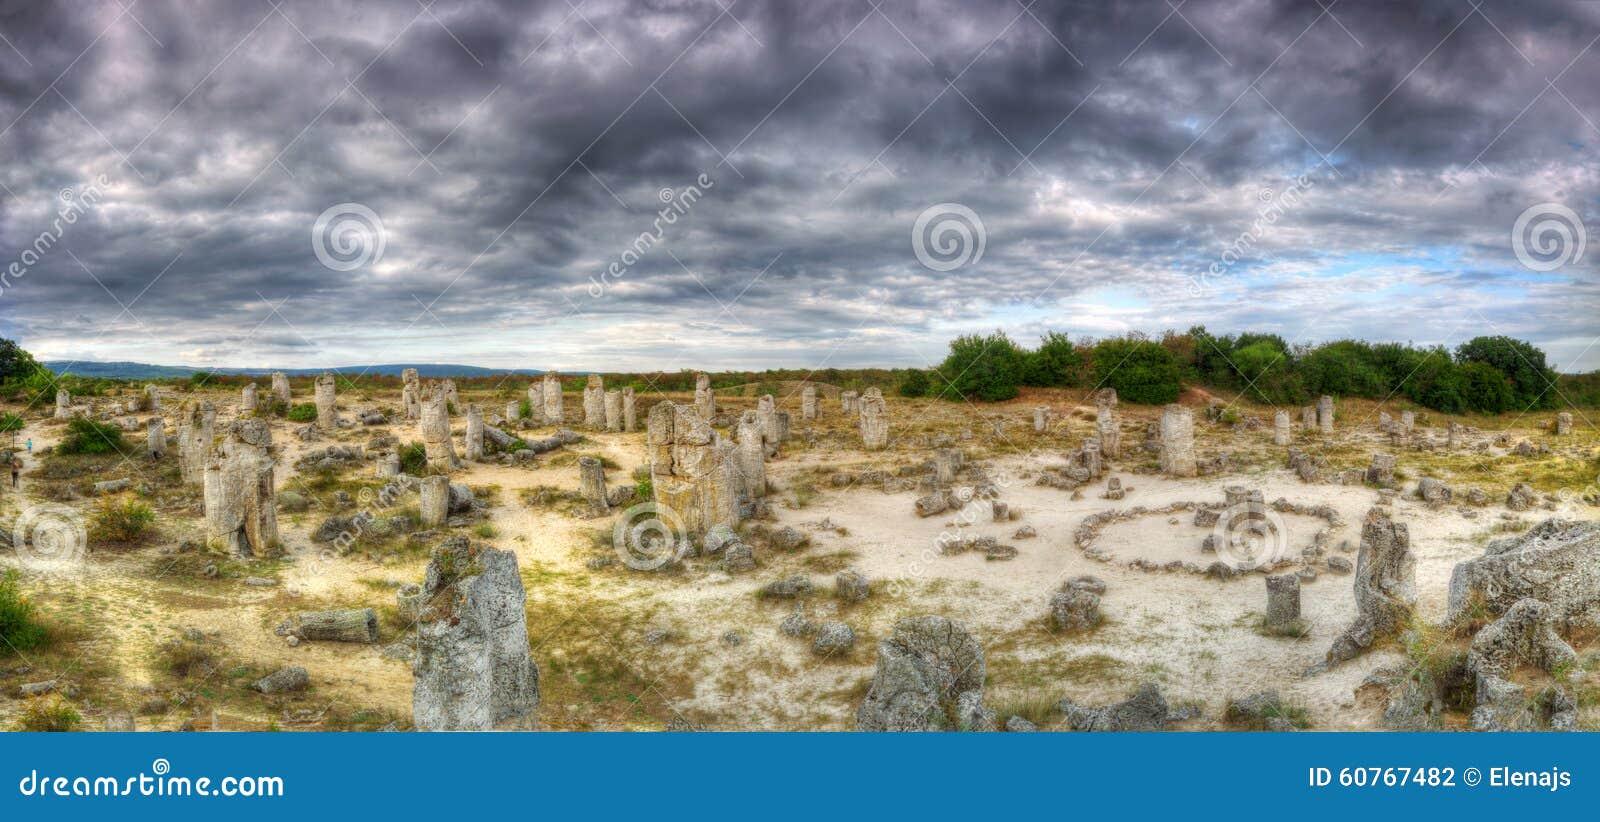 Το πέτρινο δάσος ή ο Stone εγκαταλείπει το /Pobiti kamani/κοντά στη Βάρνα, Βουλγαρία - πανόραμα